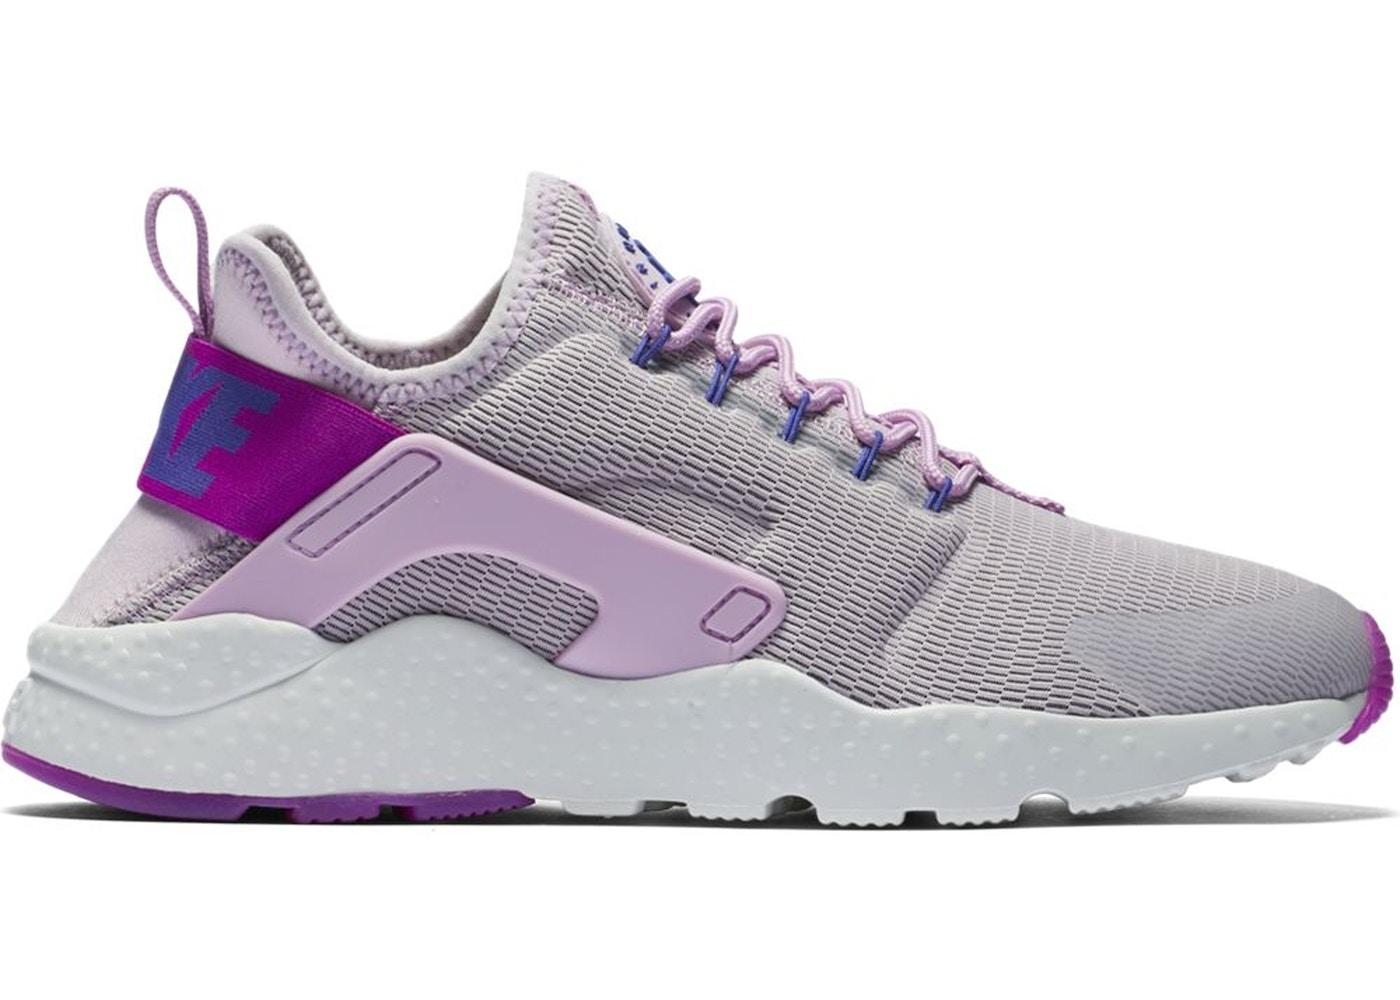 Nike Air Huarache Run Ultra Bleached Lilac Hyper Violet (W)